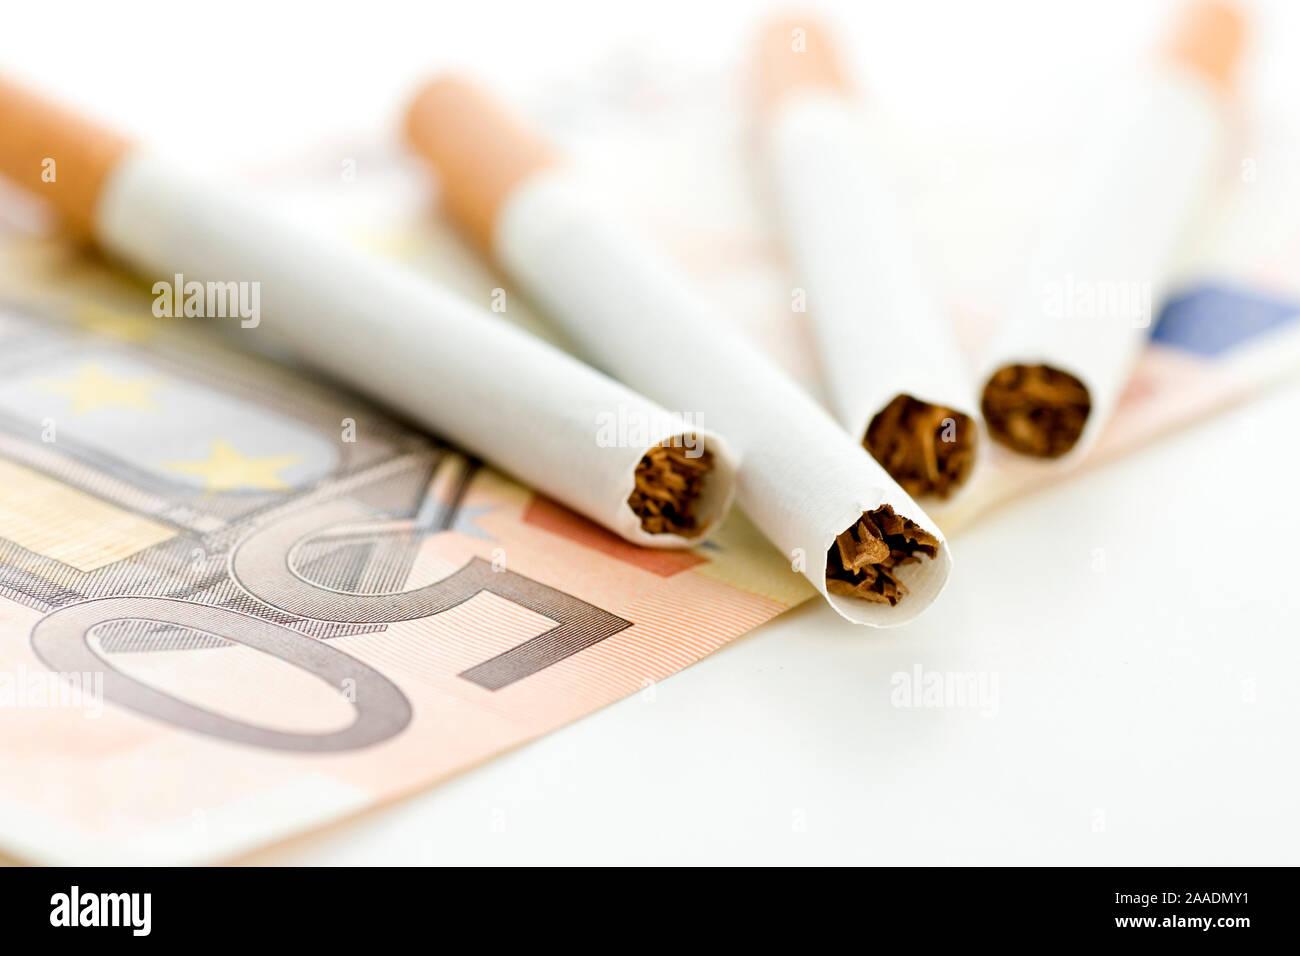 Zigaretten auf Fünfig-Euro-Schein (no pr) Stock Photo